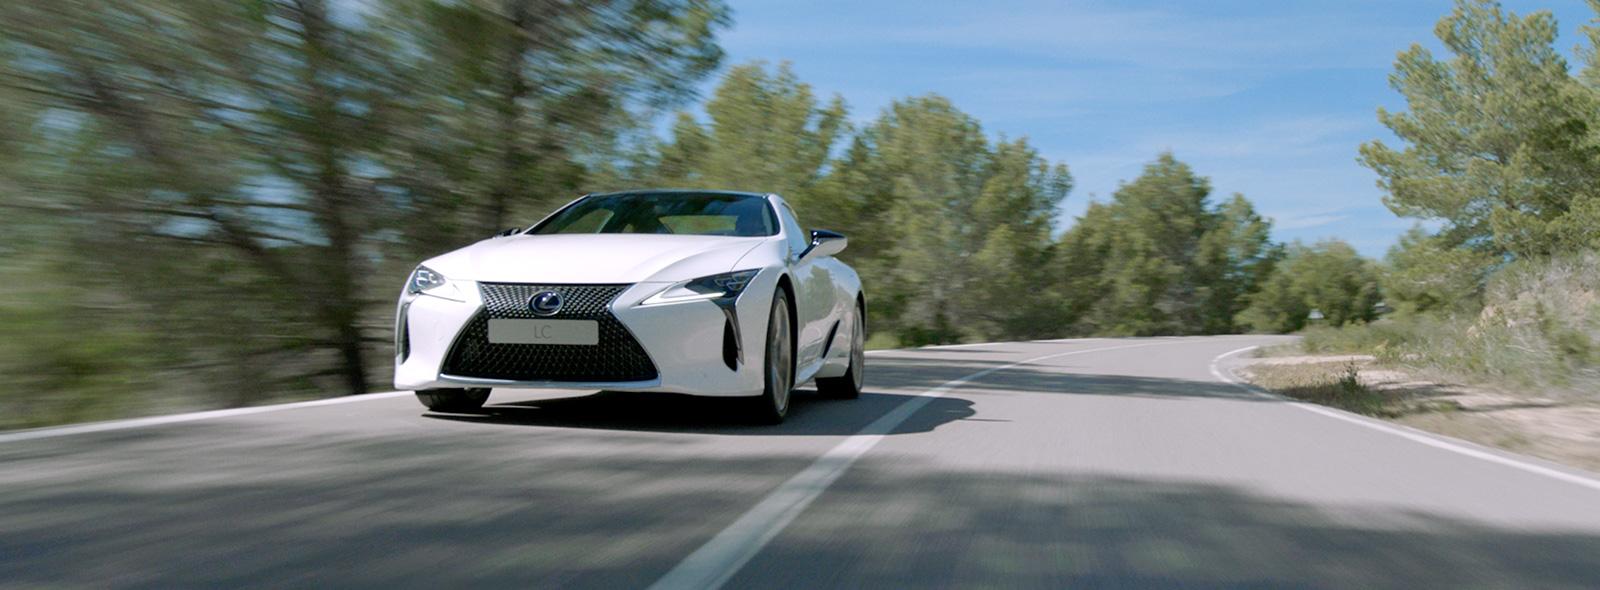 Vista frontale laterale della nuova LC colore bianco F Sport che sfreccia ad alta velocità su strada